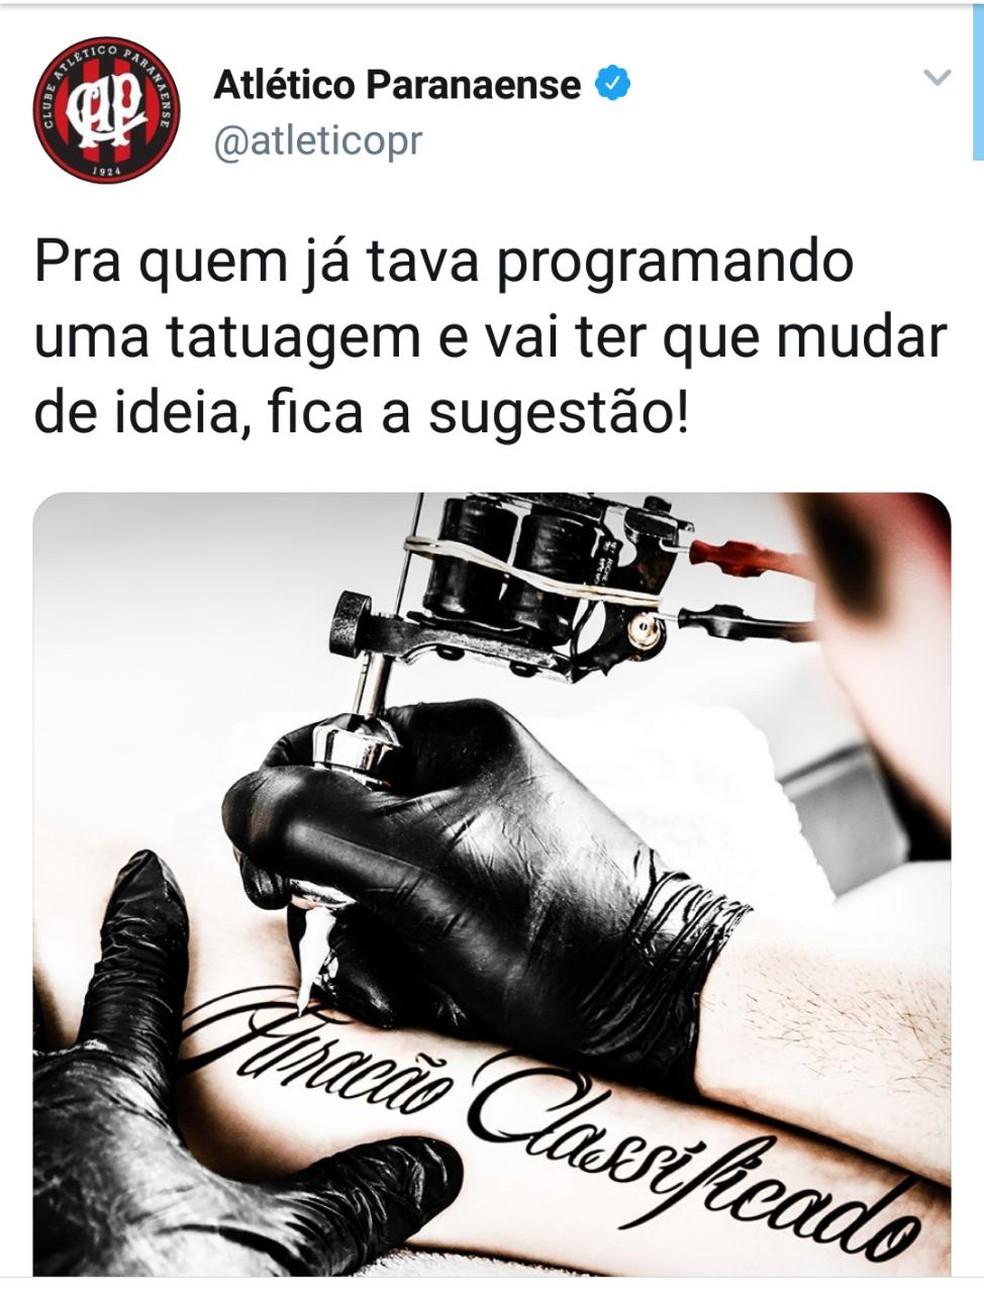 Atlético-PR provoca Fluminense e sugere mudança no sonho de tatuar ... 2989208d3330c